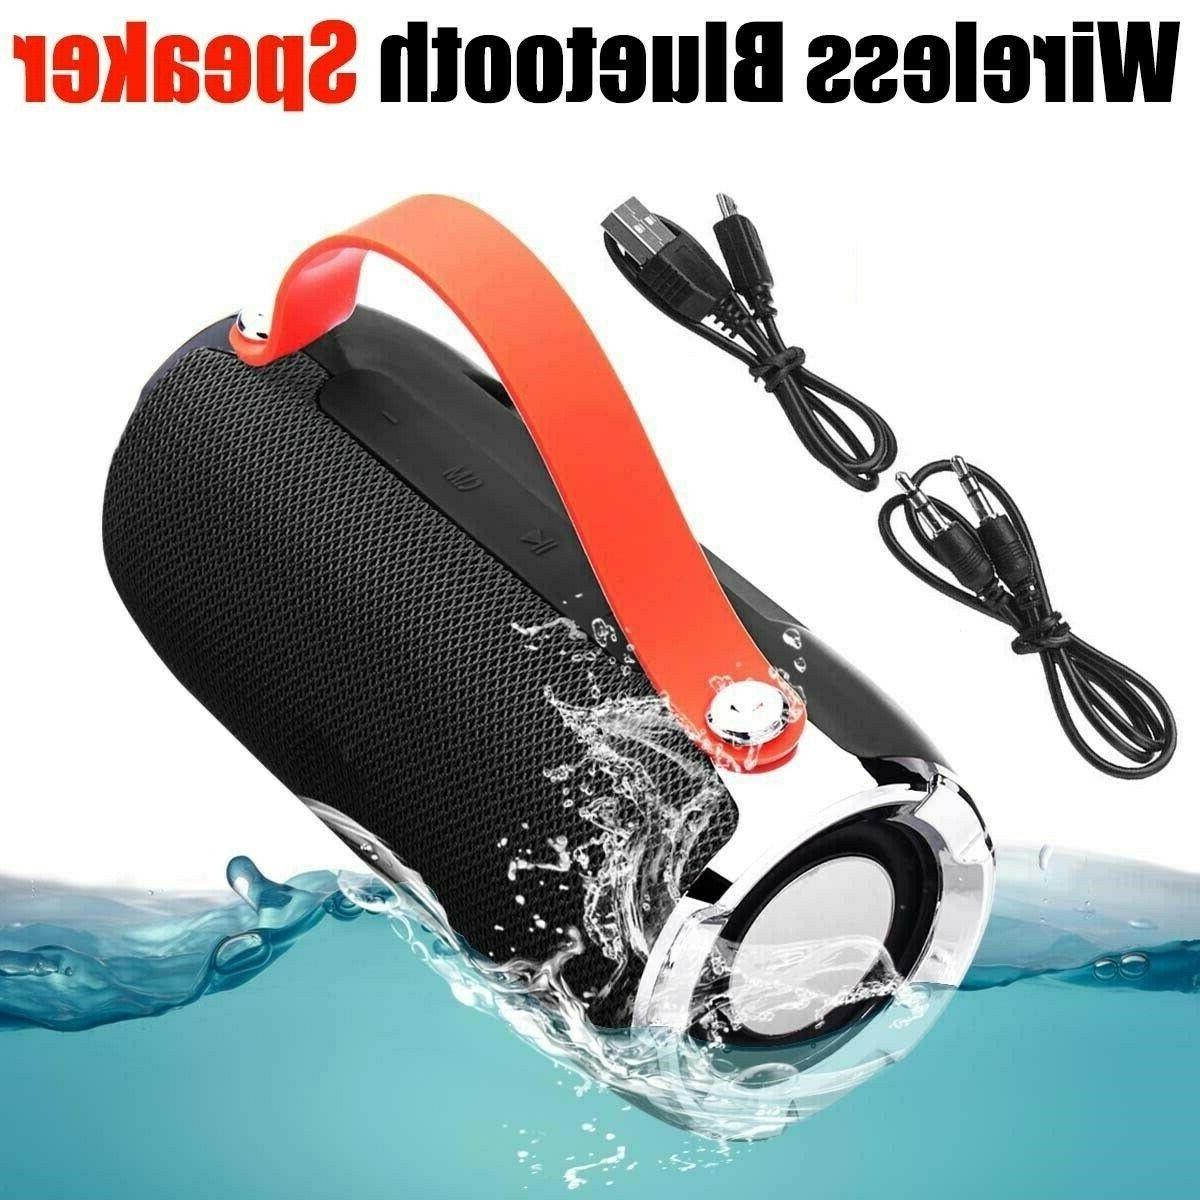 wireless bluetooth speaker waterproof outdoor stereo bass